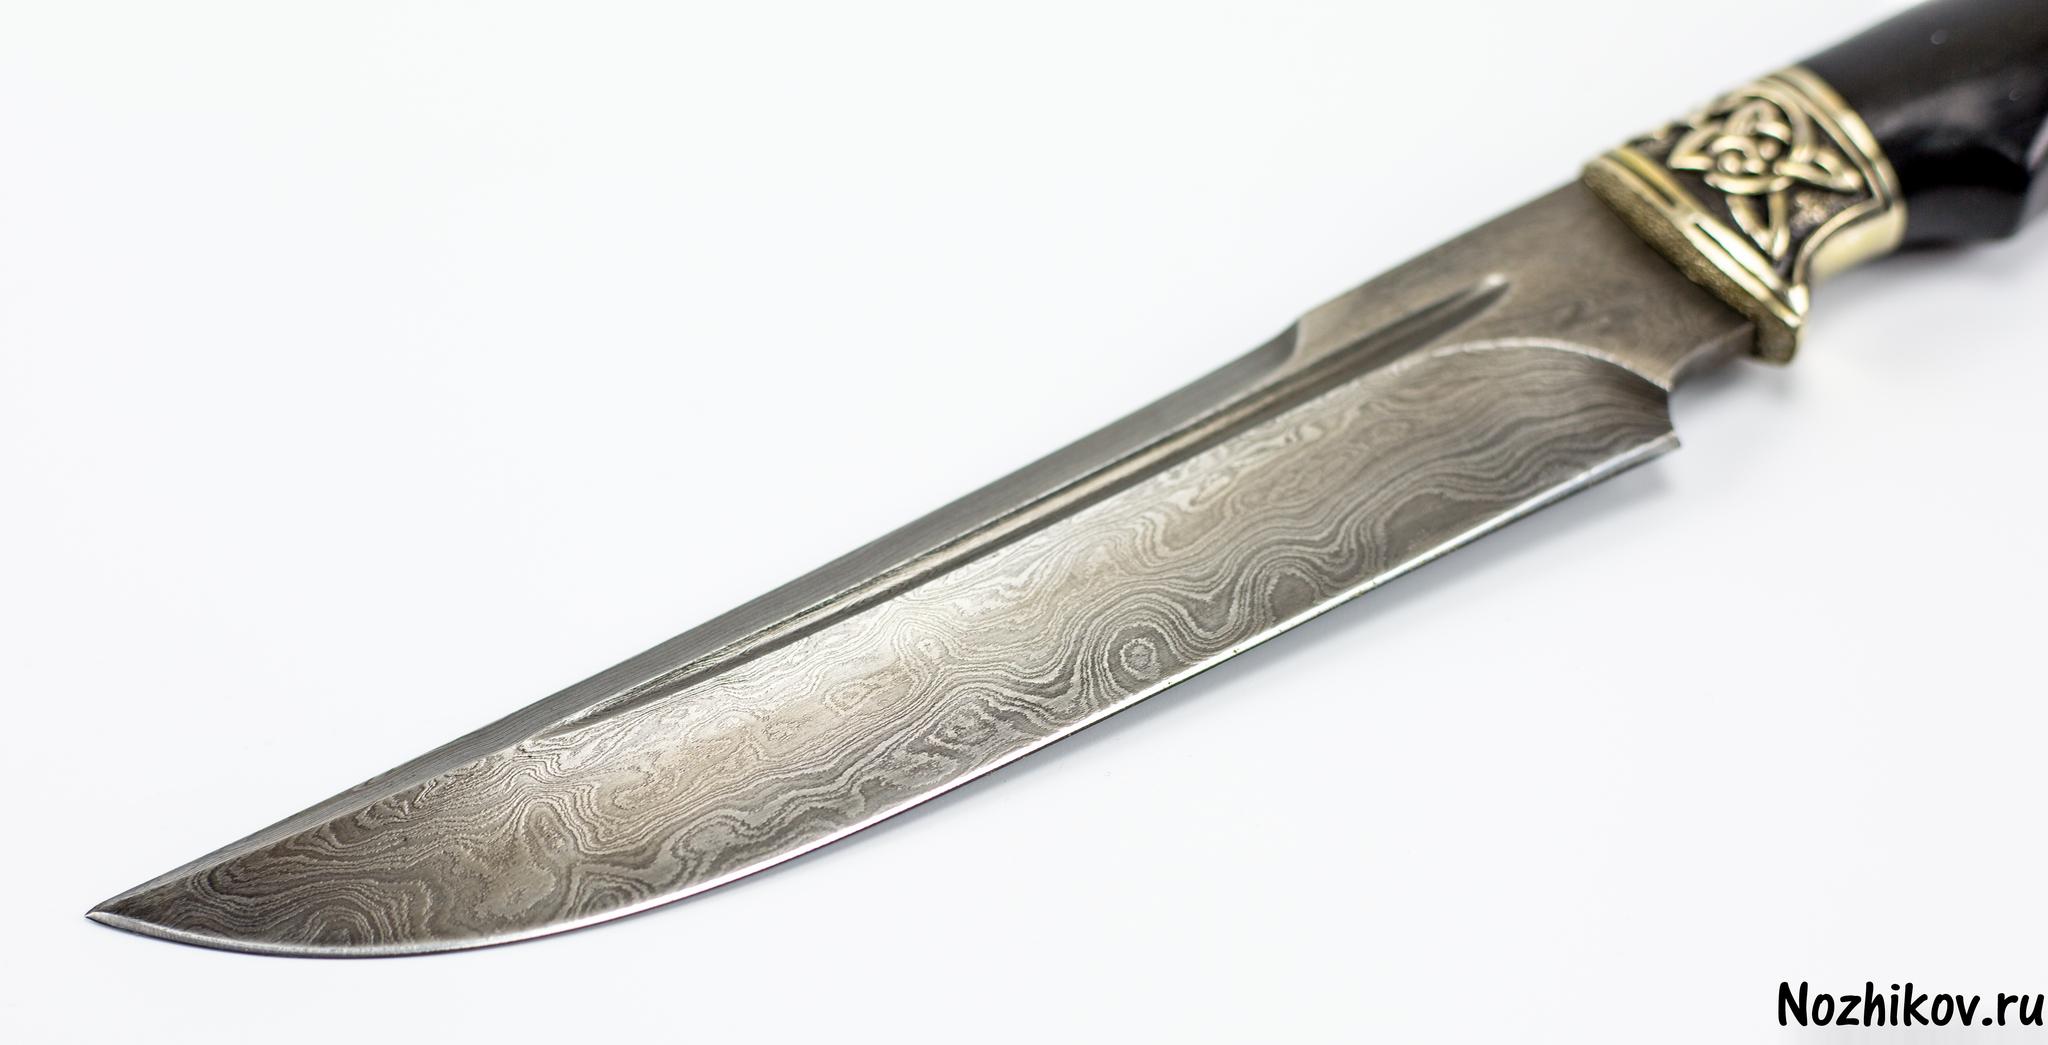 Фото 3 - Авторский Нож из Дамаска №18, Кизляр от Noname